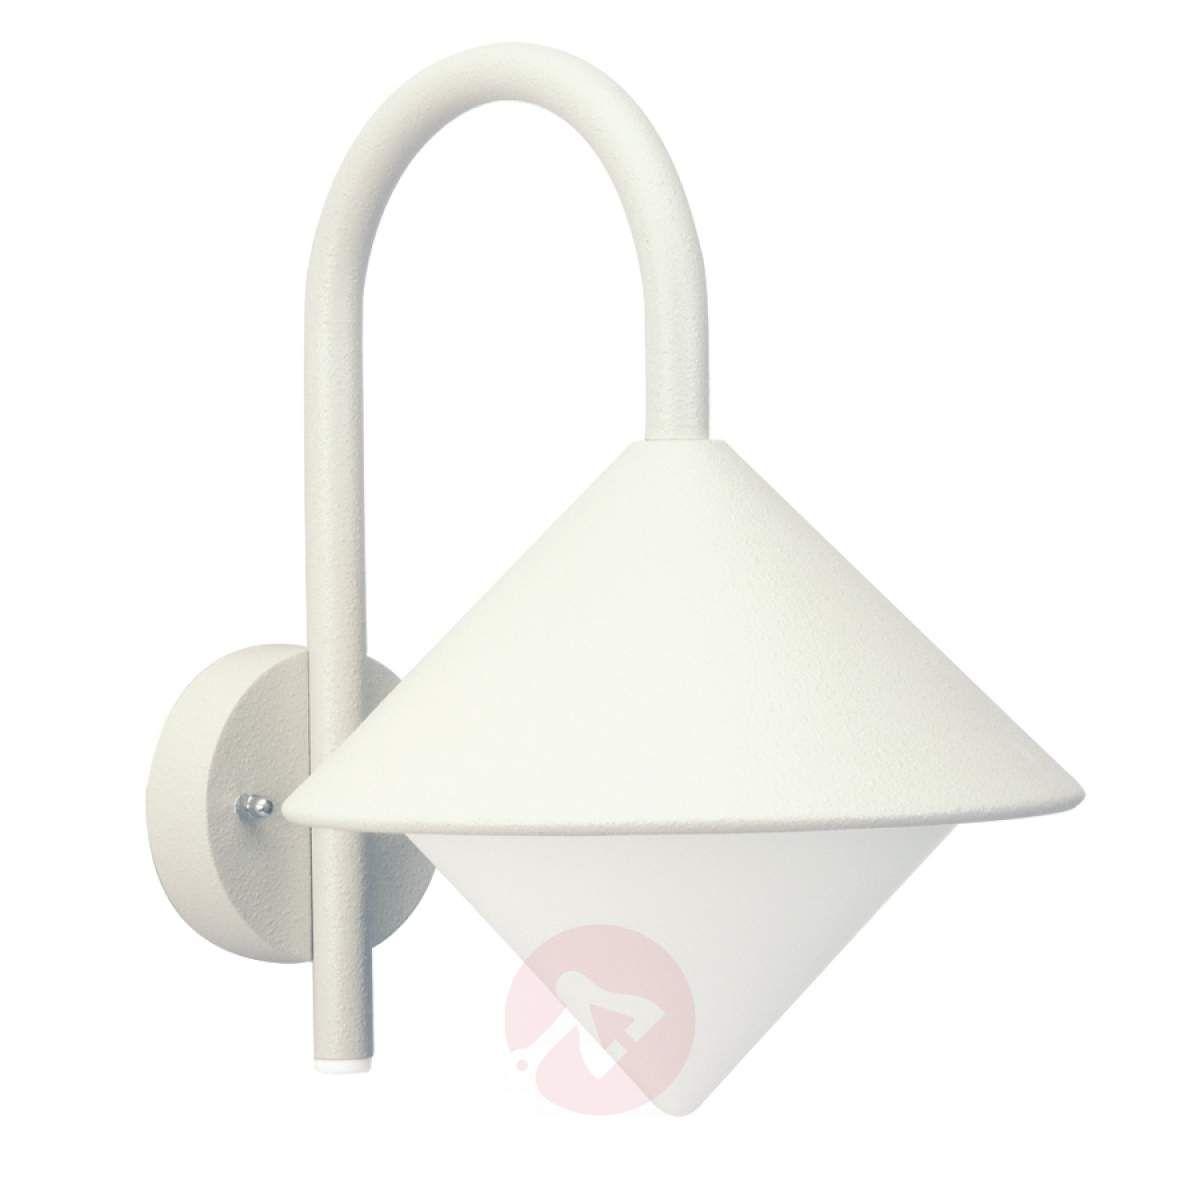 Zewnętrzna Lampa ścienna Julieta Biała Lampy Wiszące